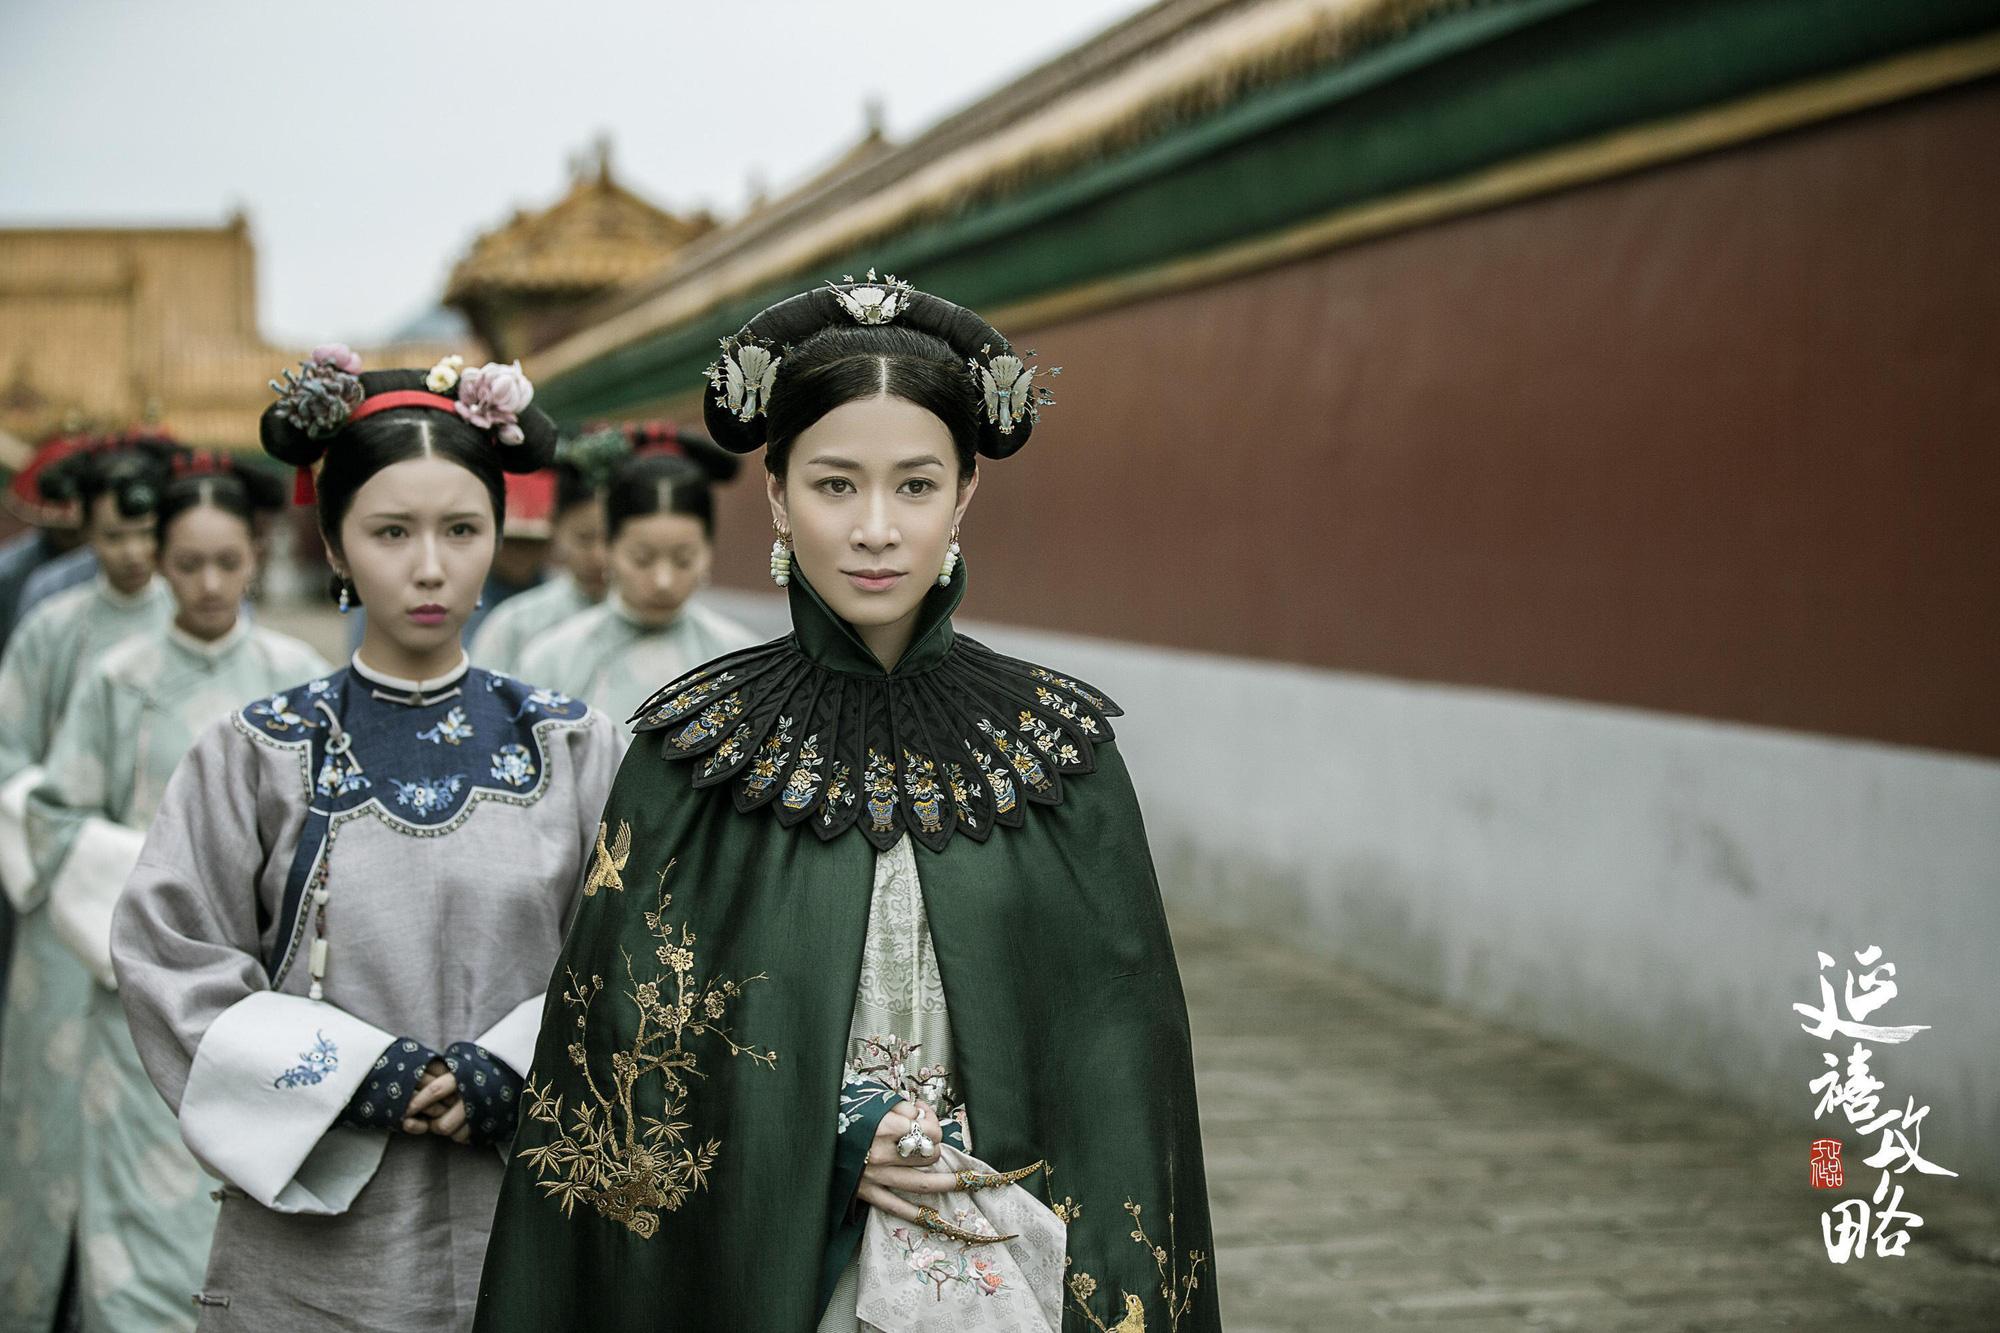 Lịch sử Trung Quốc bị bóp méo trong phim cổ trang - Ảnh 6.